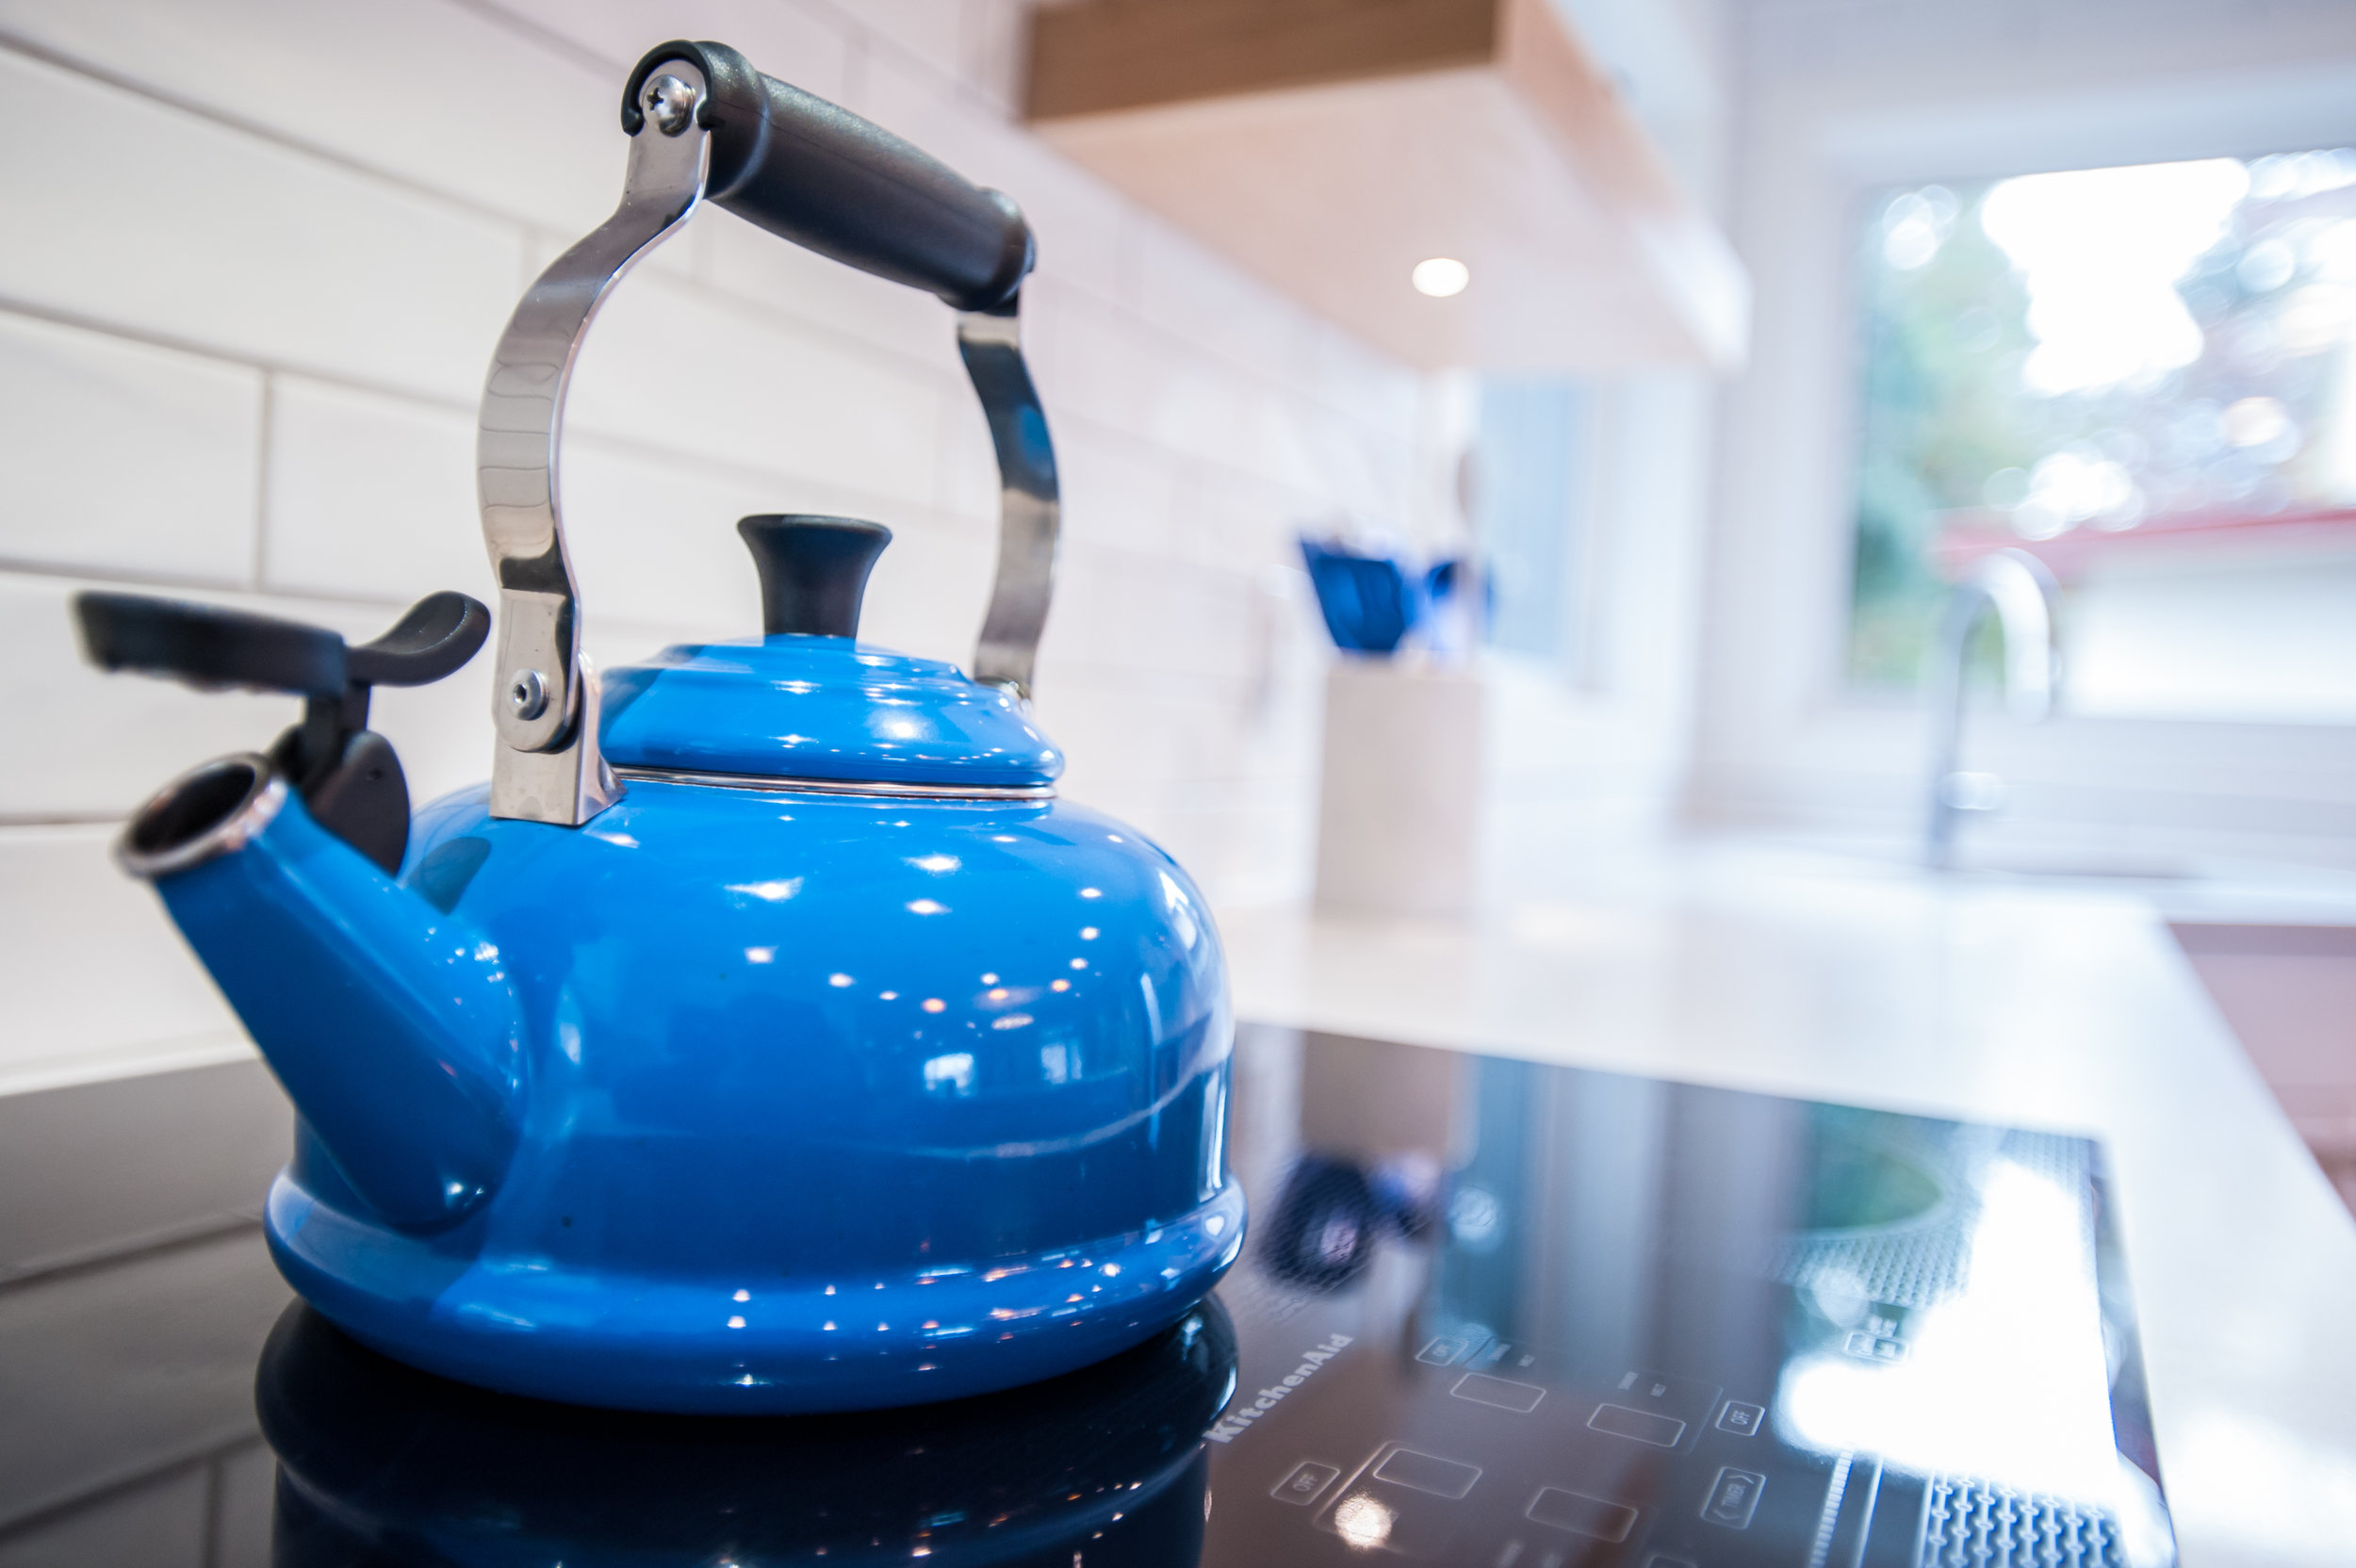 blue_kettle